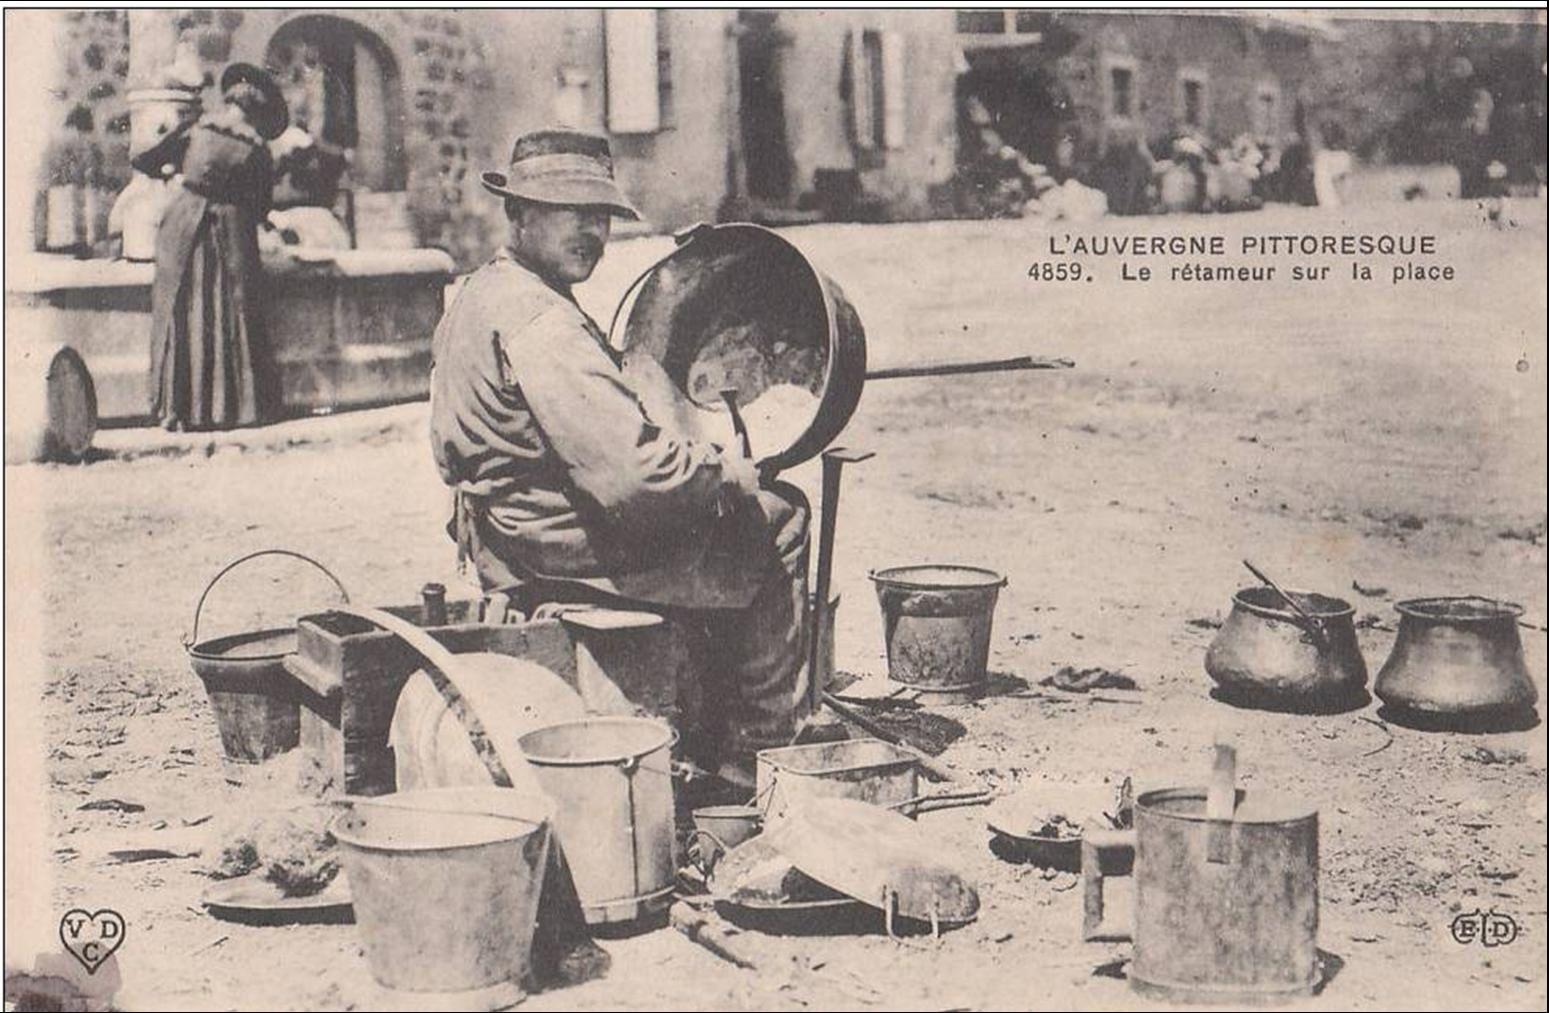 Auvergne d'autrefois: Les rétameurs